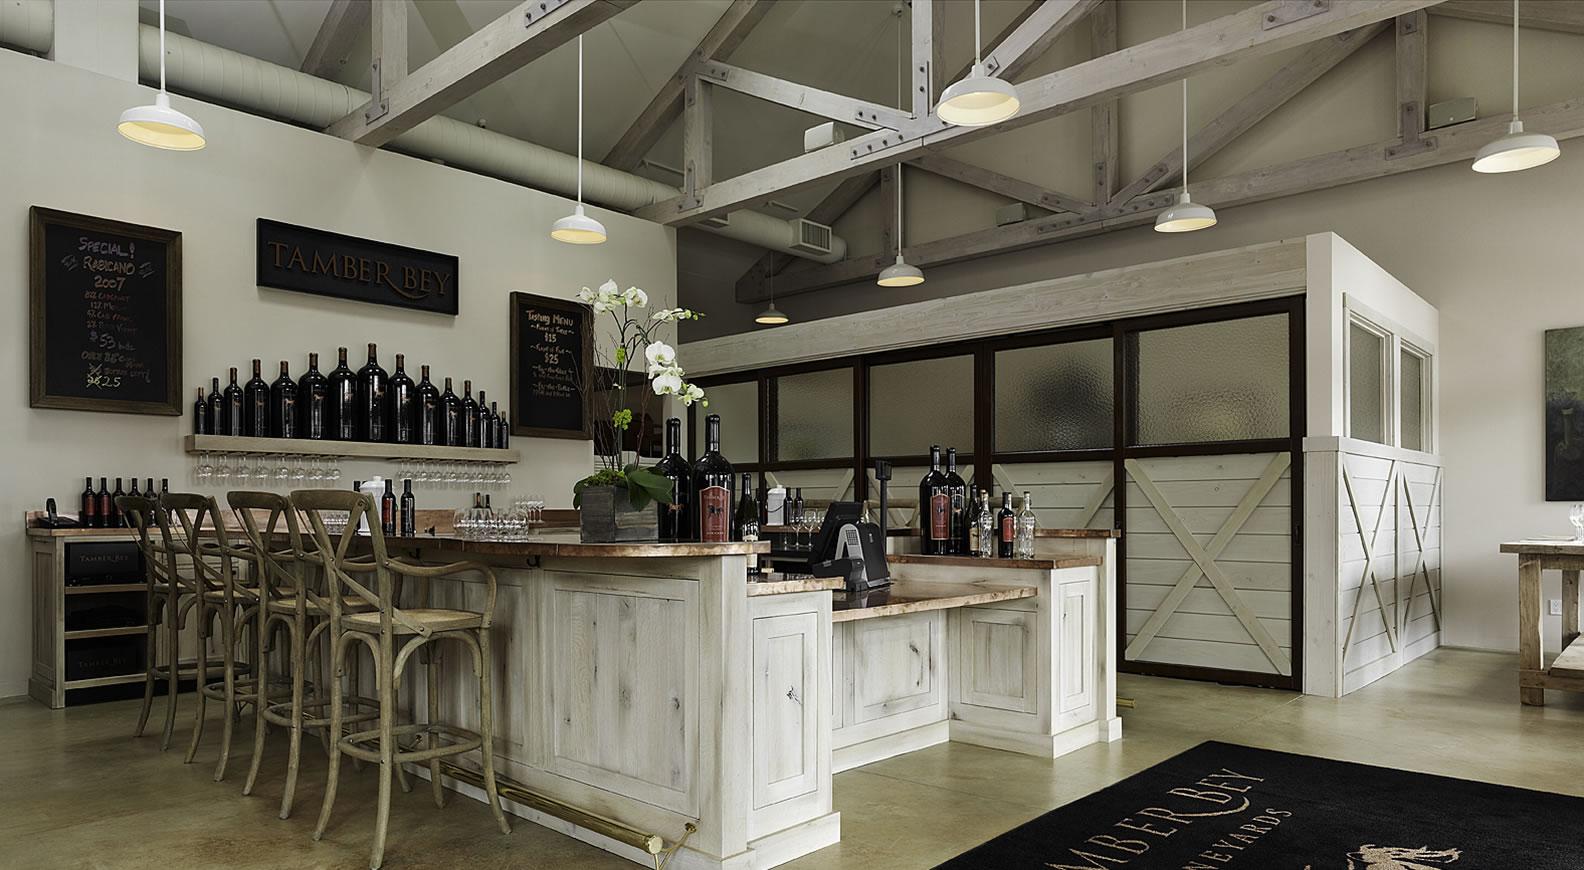 St. Helena Tasting Room